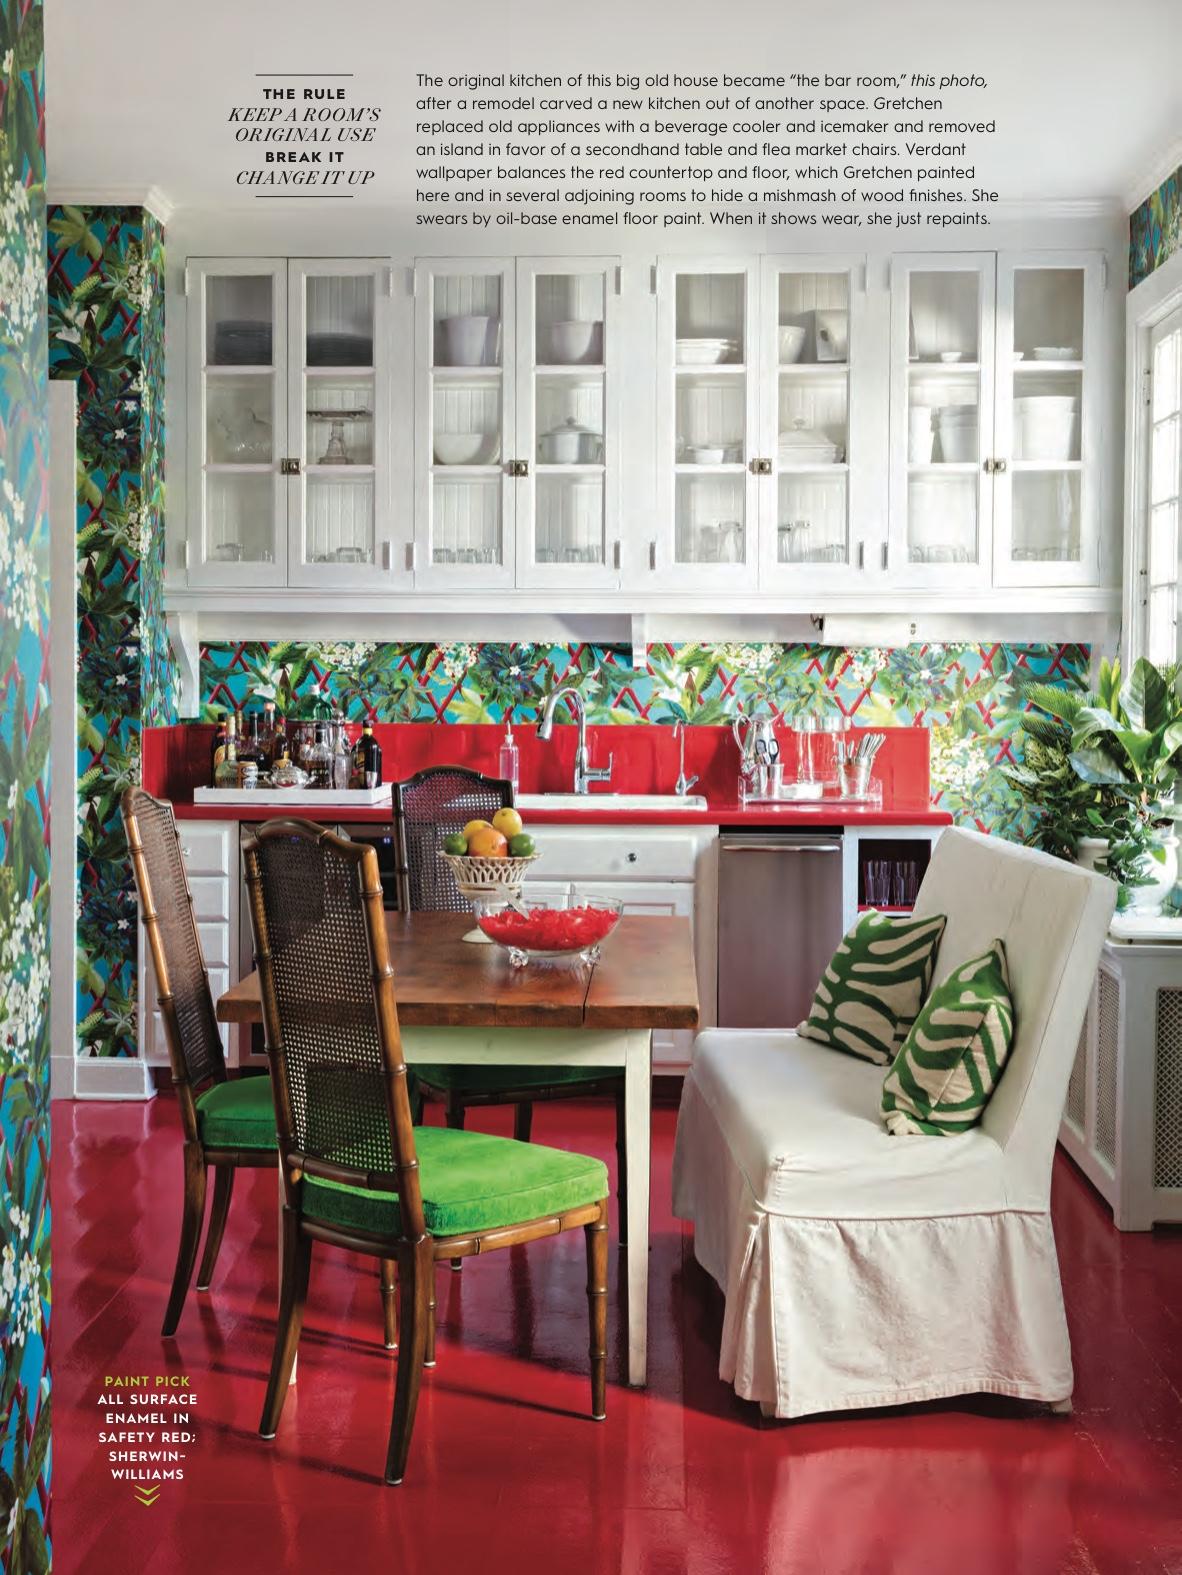 Gretchen Bond's home featured in  BHG